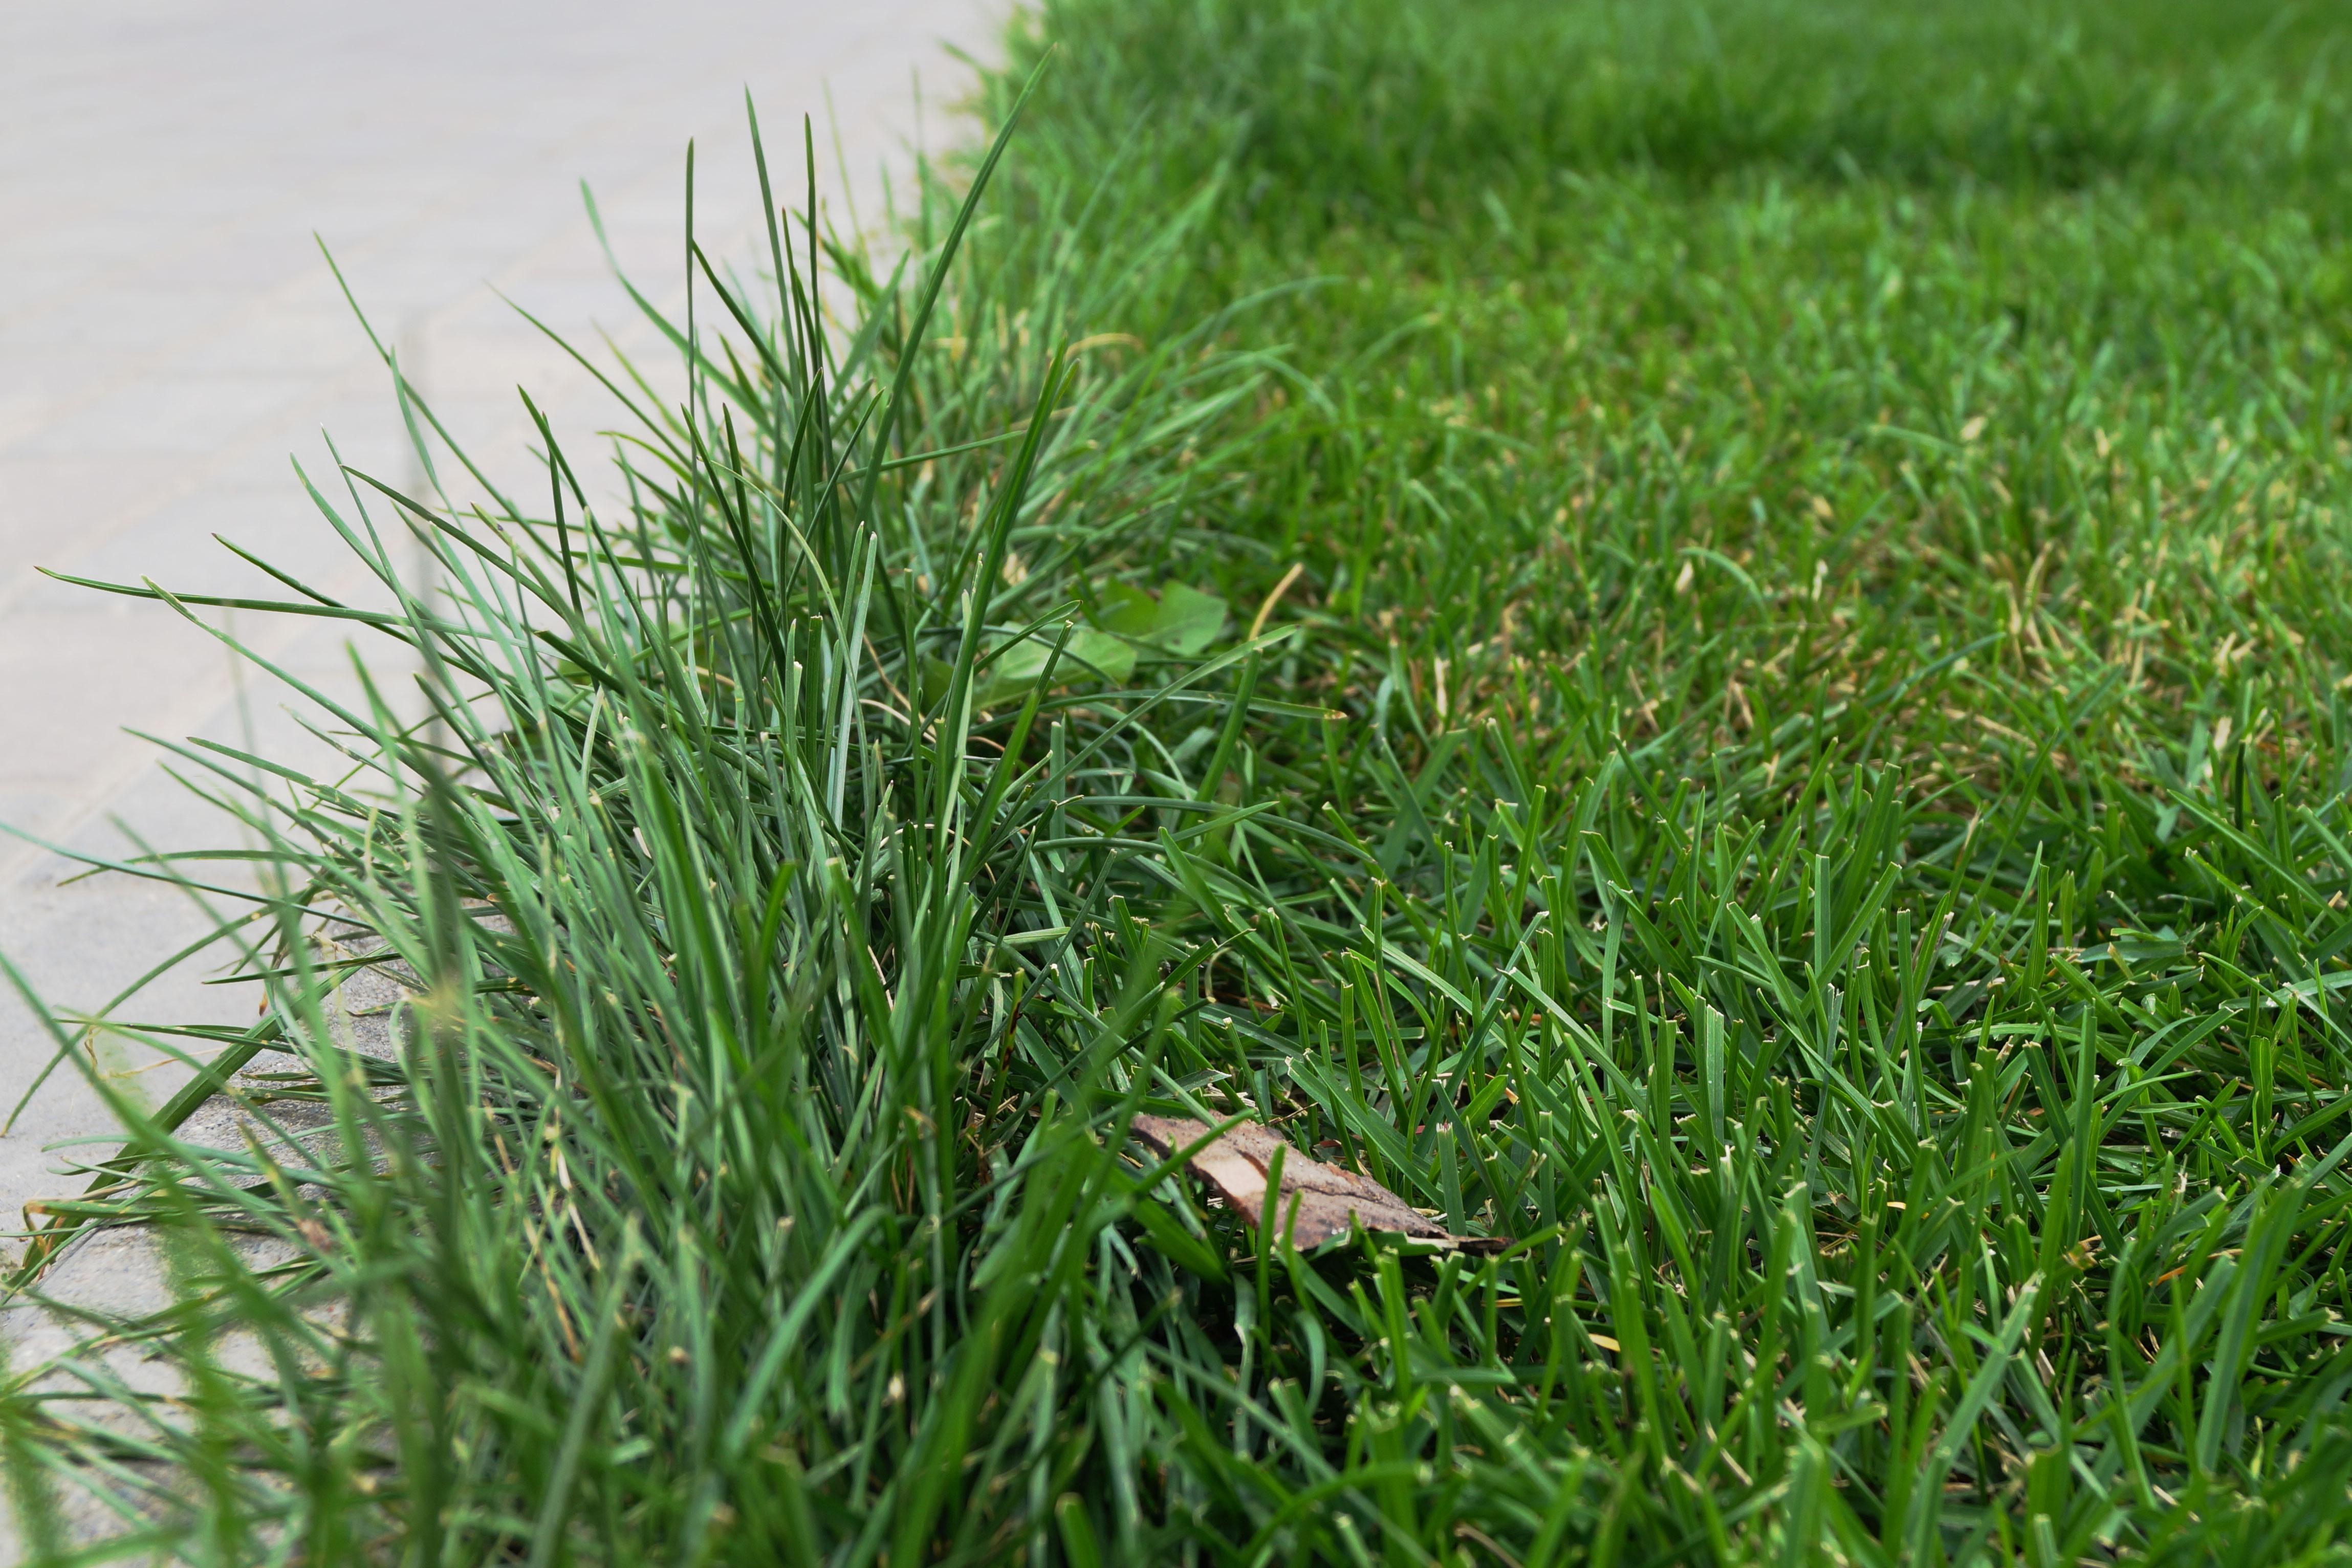 Отросшая трава виднеется только на стыках ограничительных проводов, но это обусловлено технически - провода нельзя укладывать ближе одного метра друг от друга.